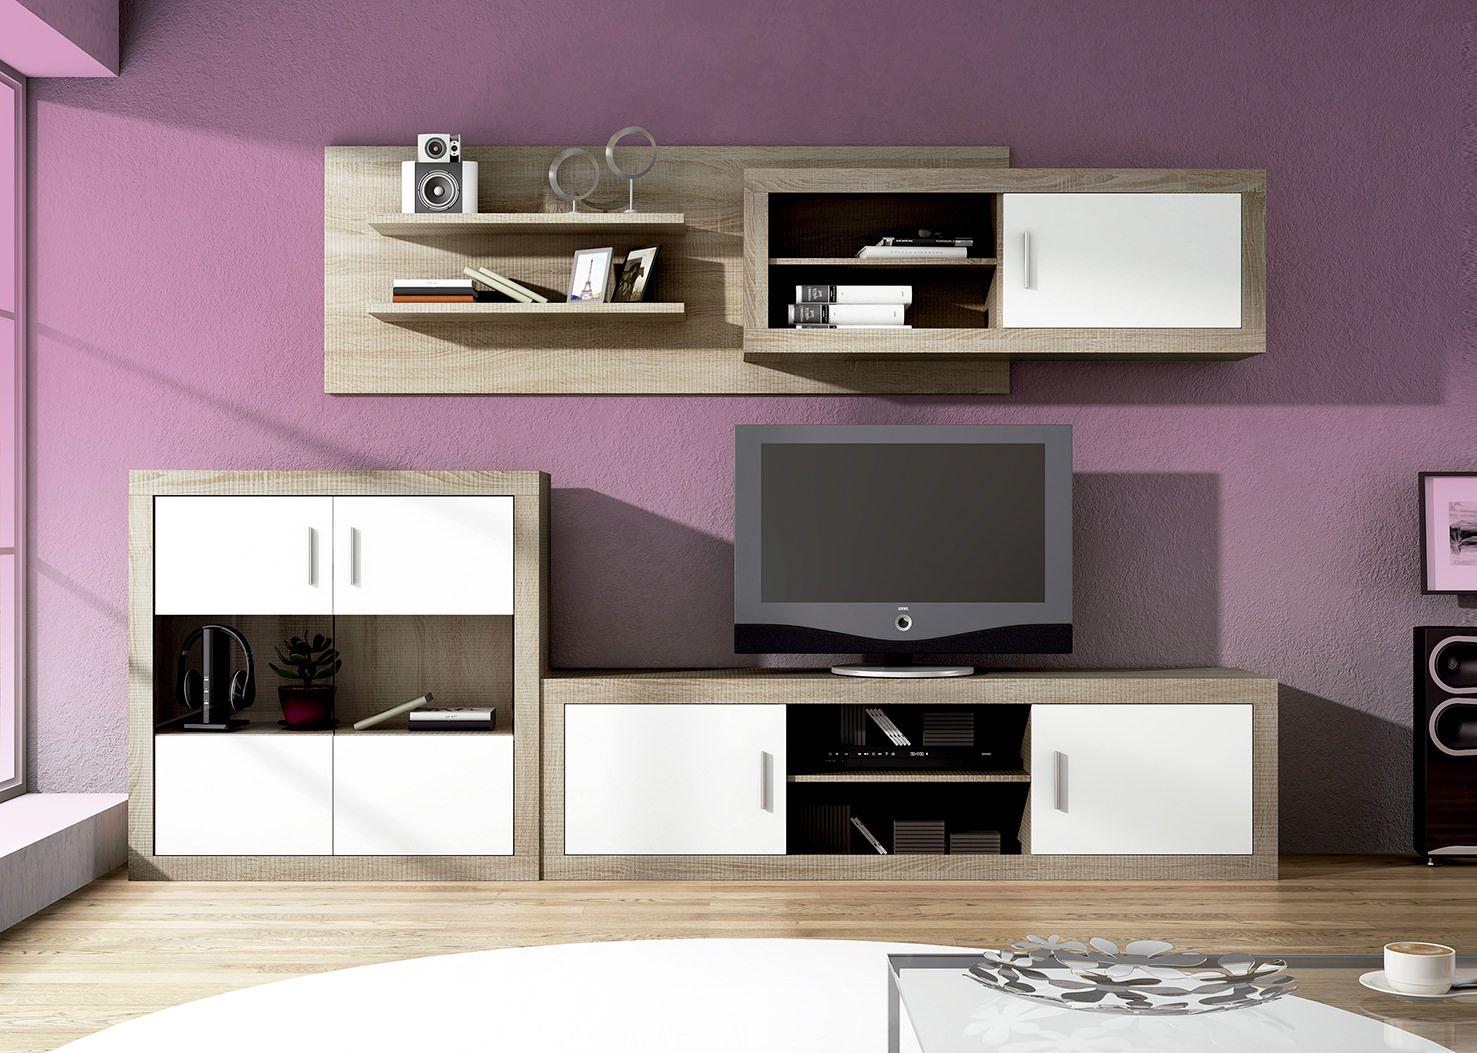 Muebles para la sala de estar en crea espai crea espai - Muebles sala de estar ...